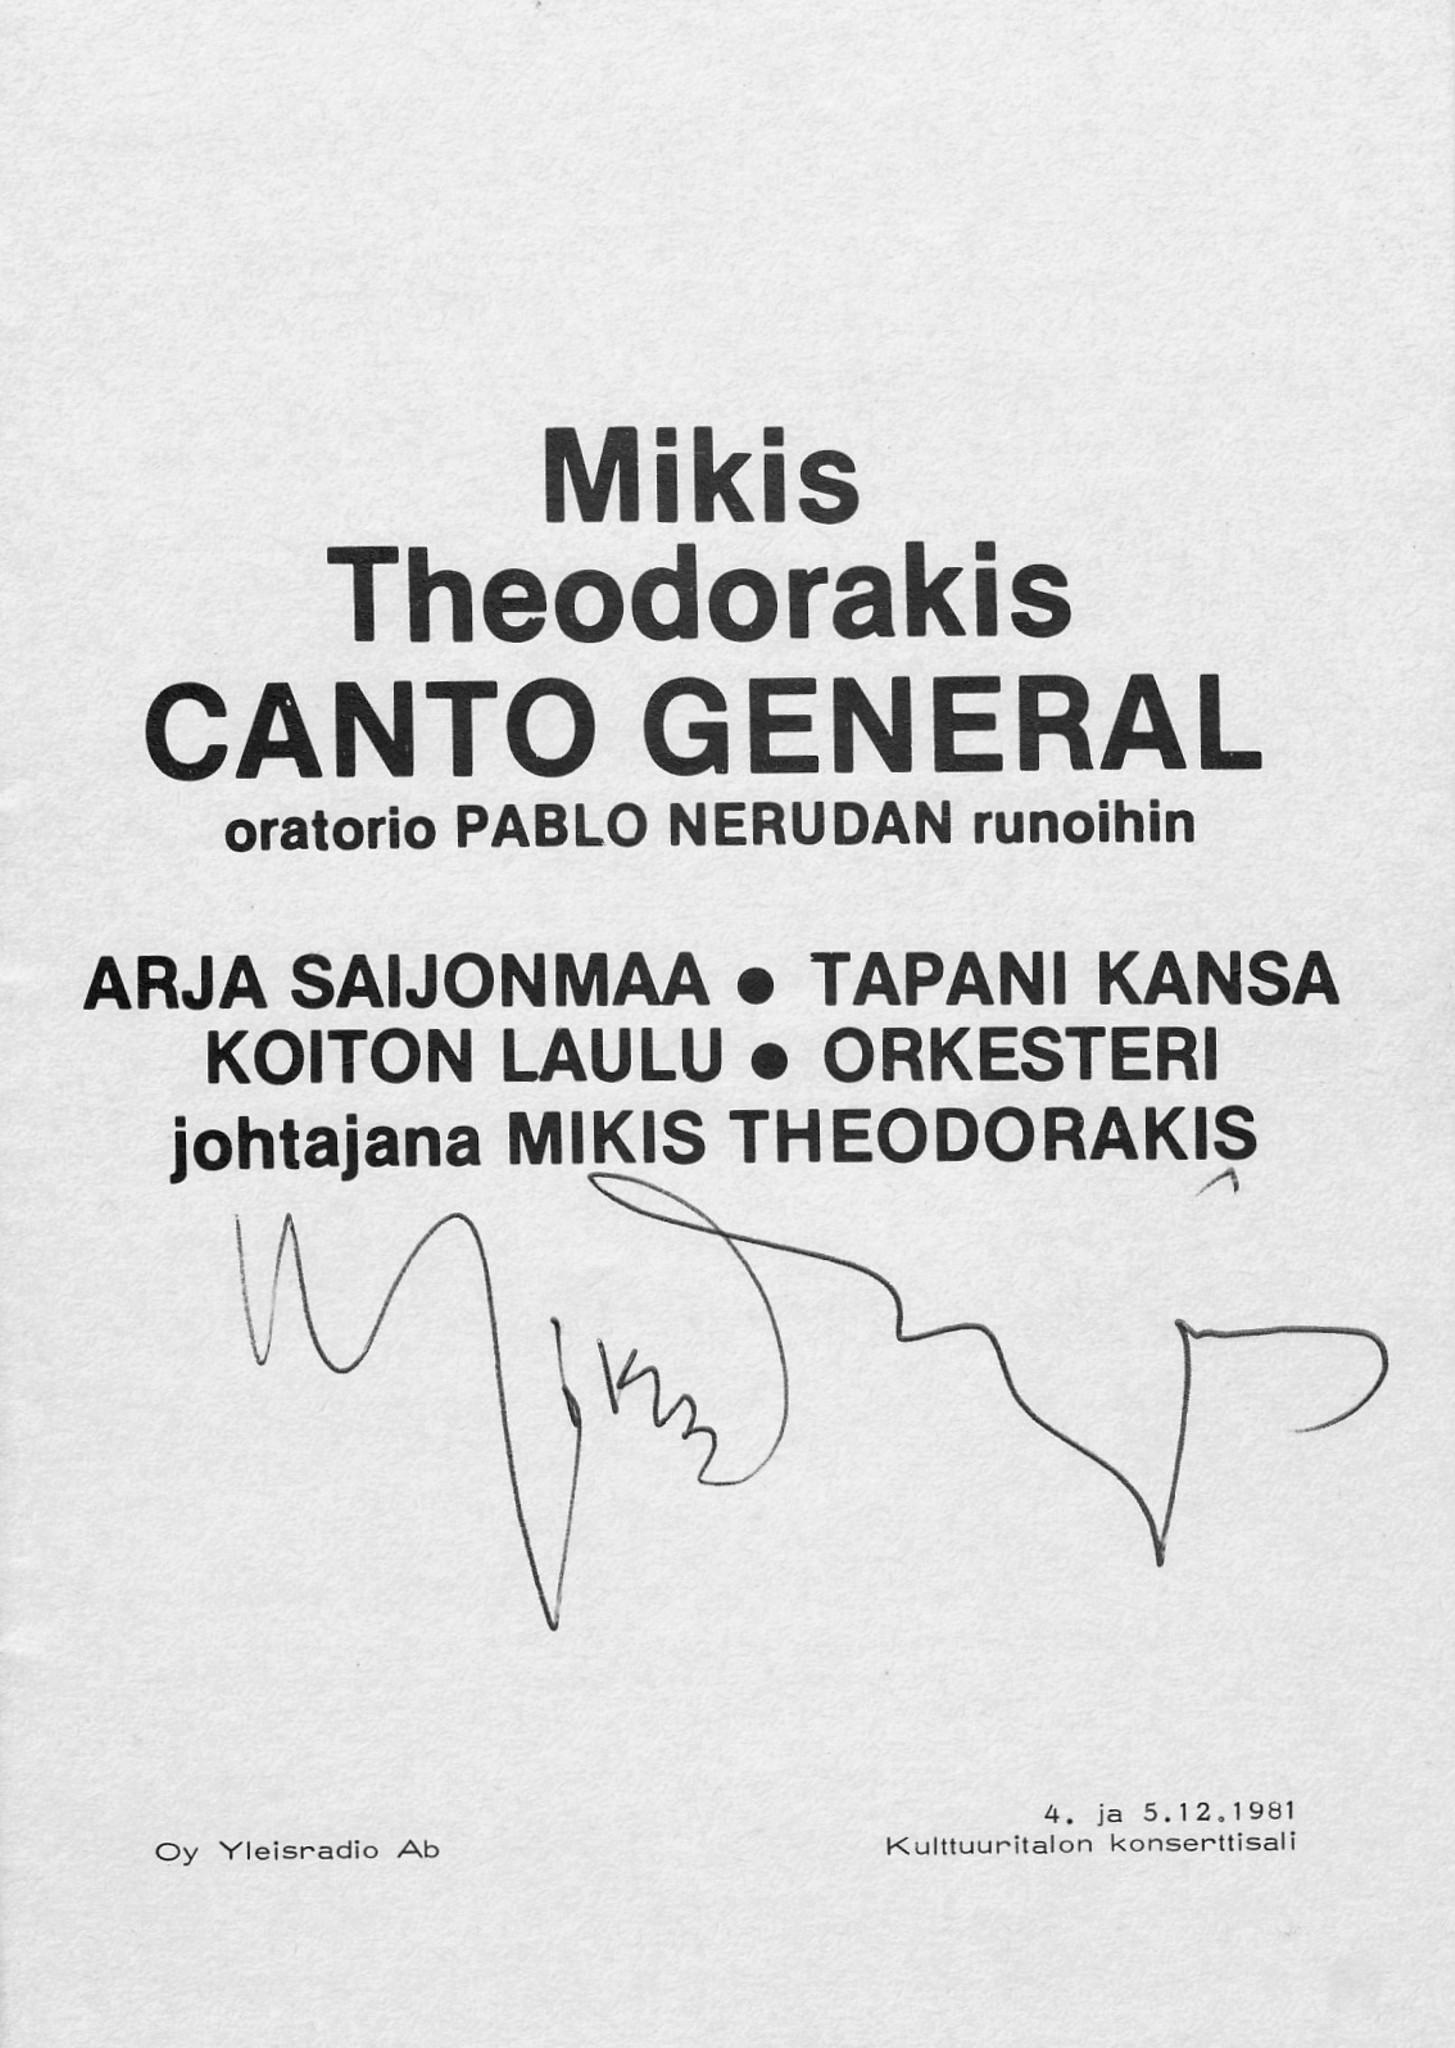 Εξώφυλλο προγράμματος της συναυλίας Canto General που διοργανώθηκε από τη Φινλανδική Εταιρεία Ραδιοτηλεόρασης το 1981